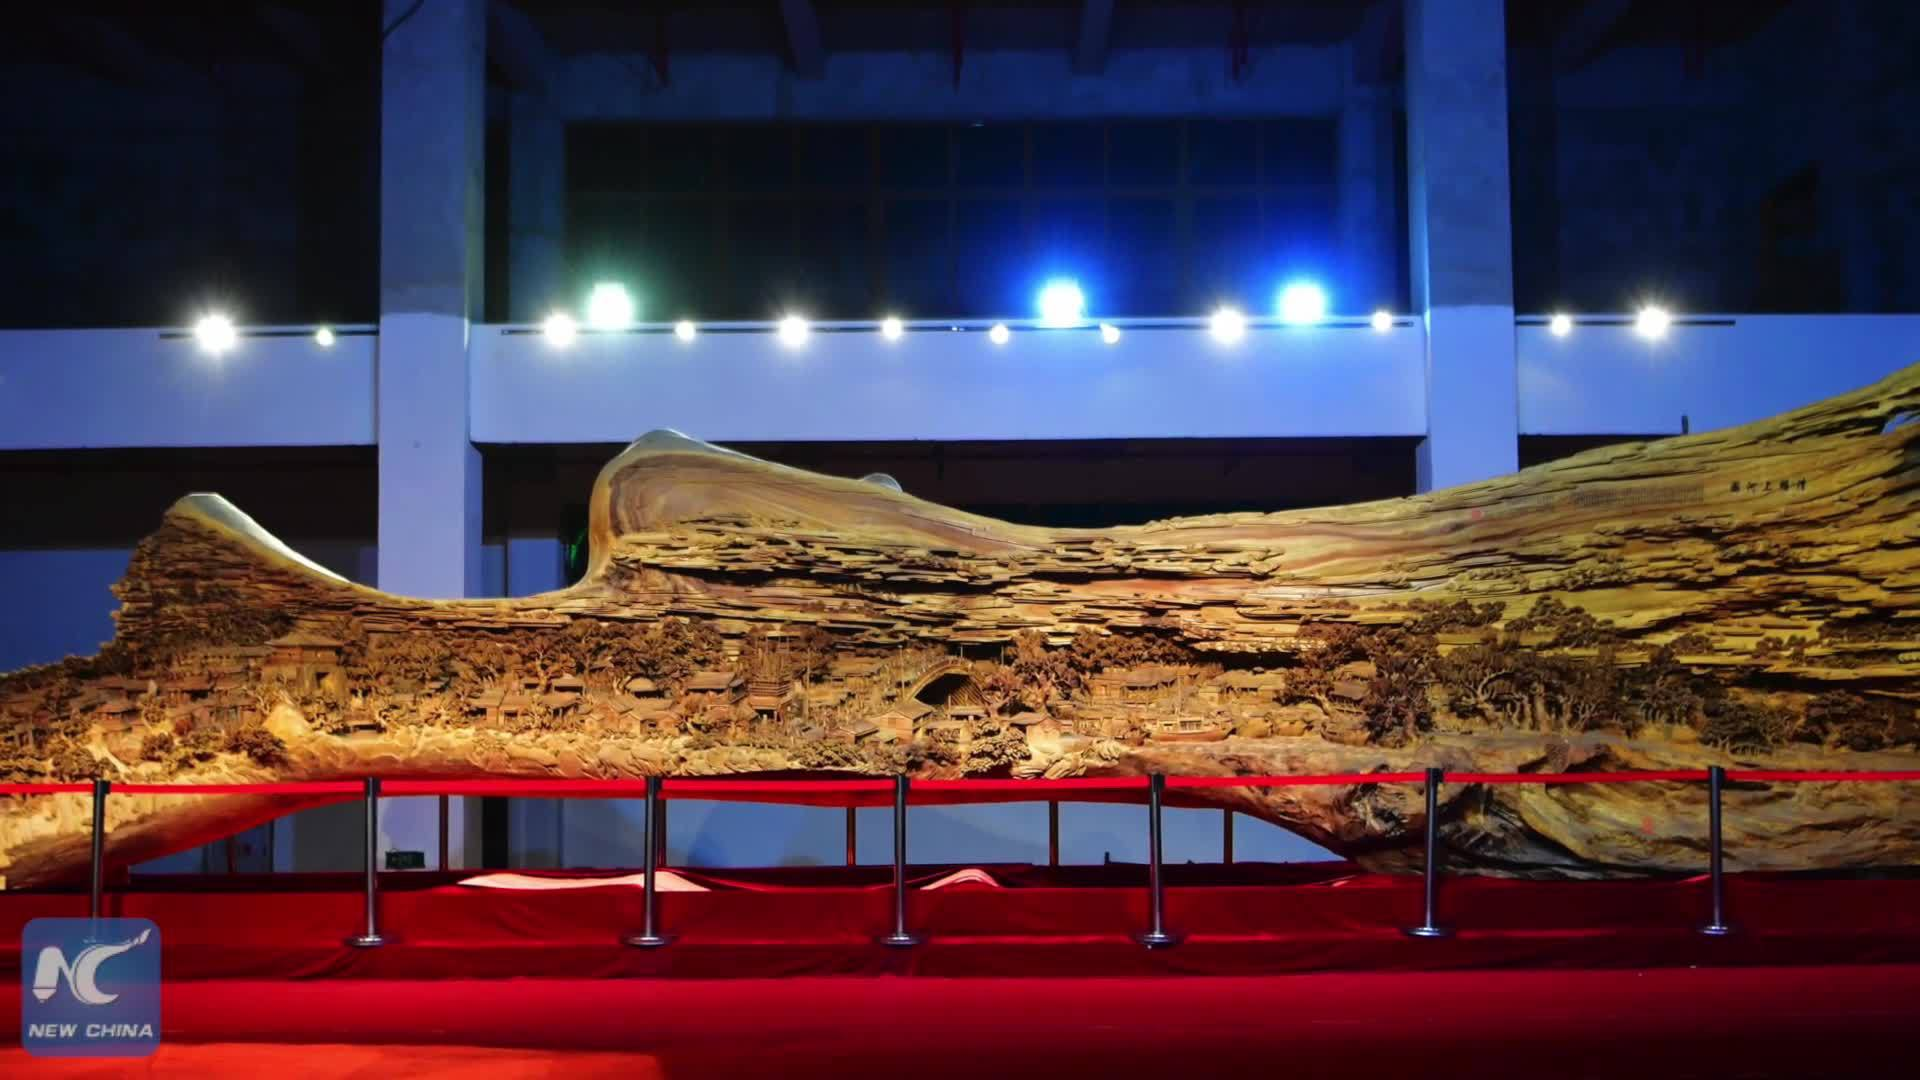 Kỷ lục điêu khắc trên thân cây 1.000 năm tuổi